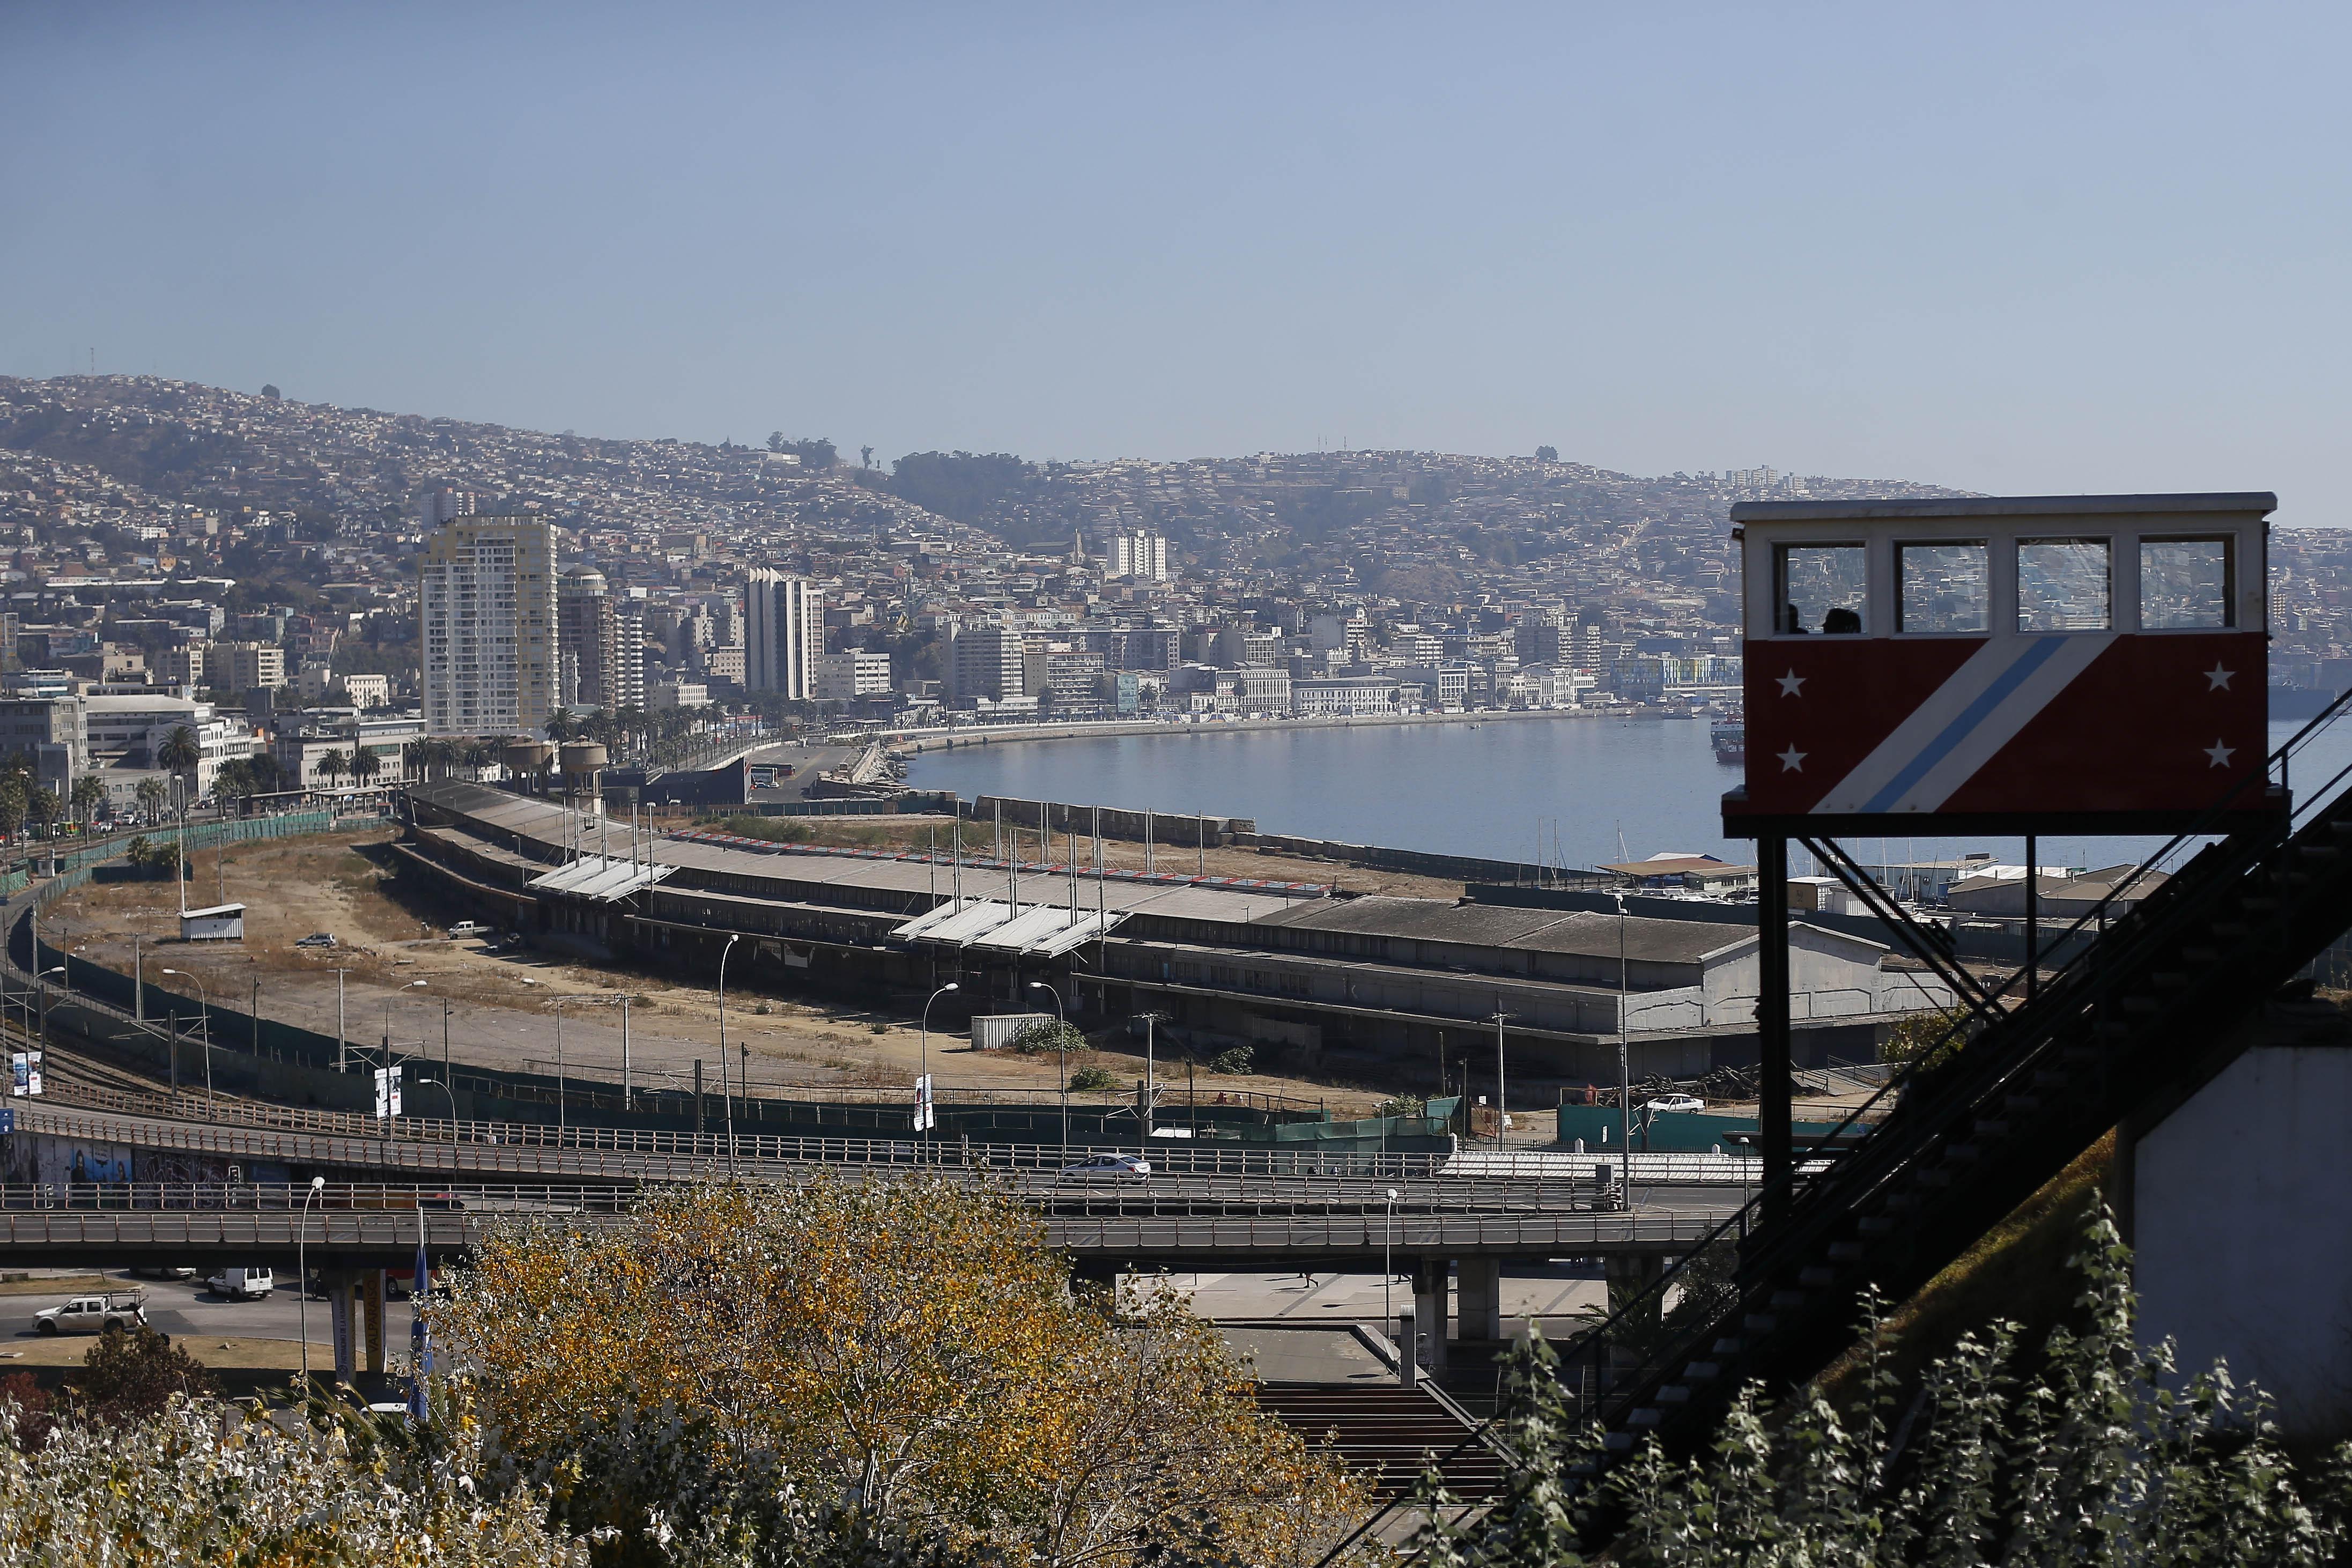 Sumario a alcalde nocturno de Valparaíso por malas prácticas